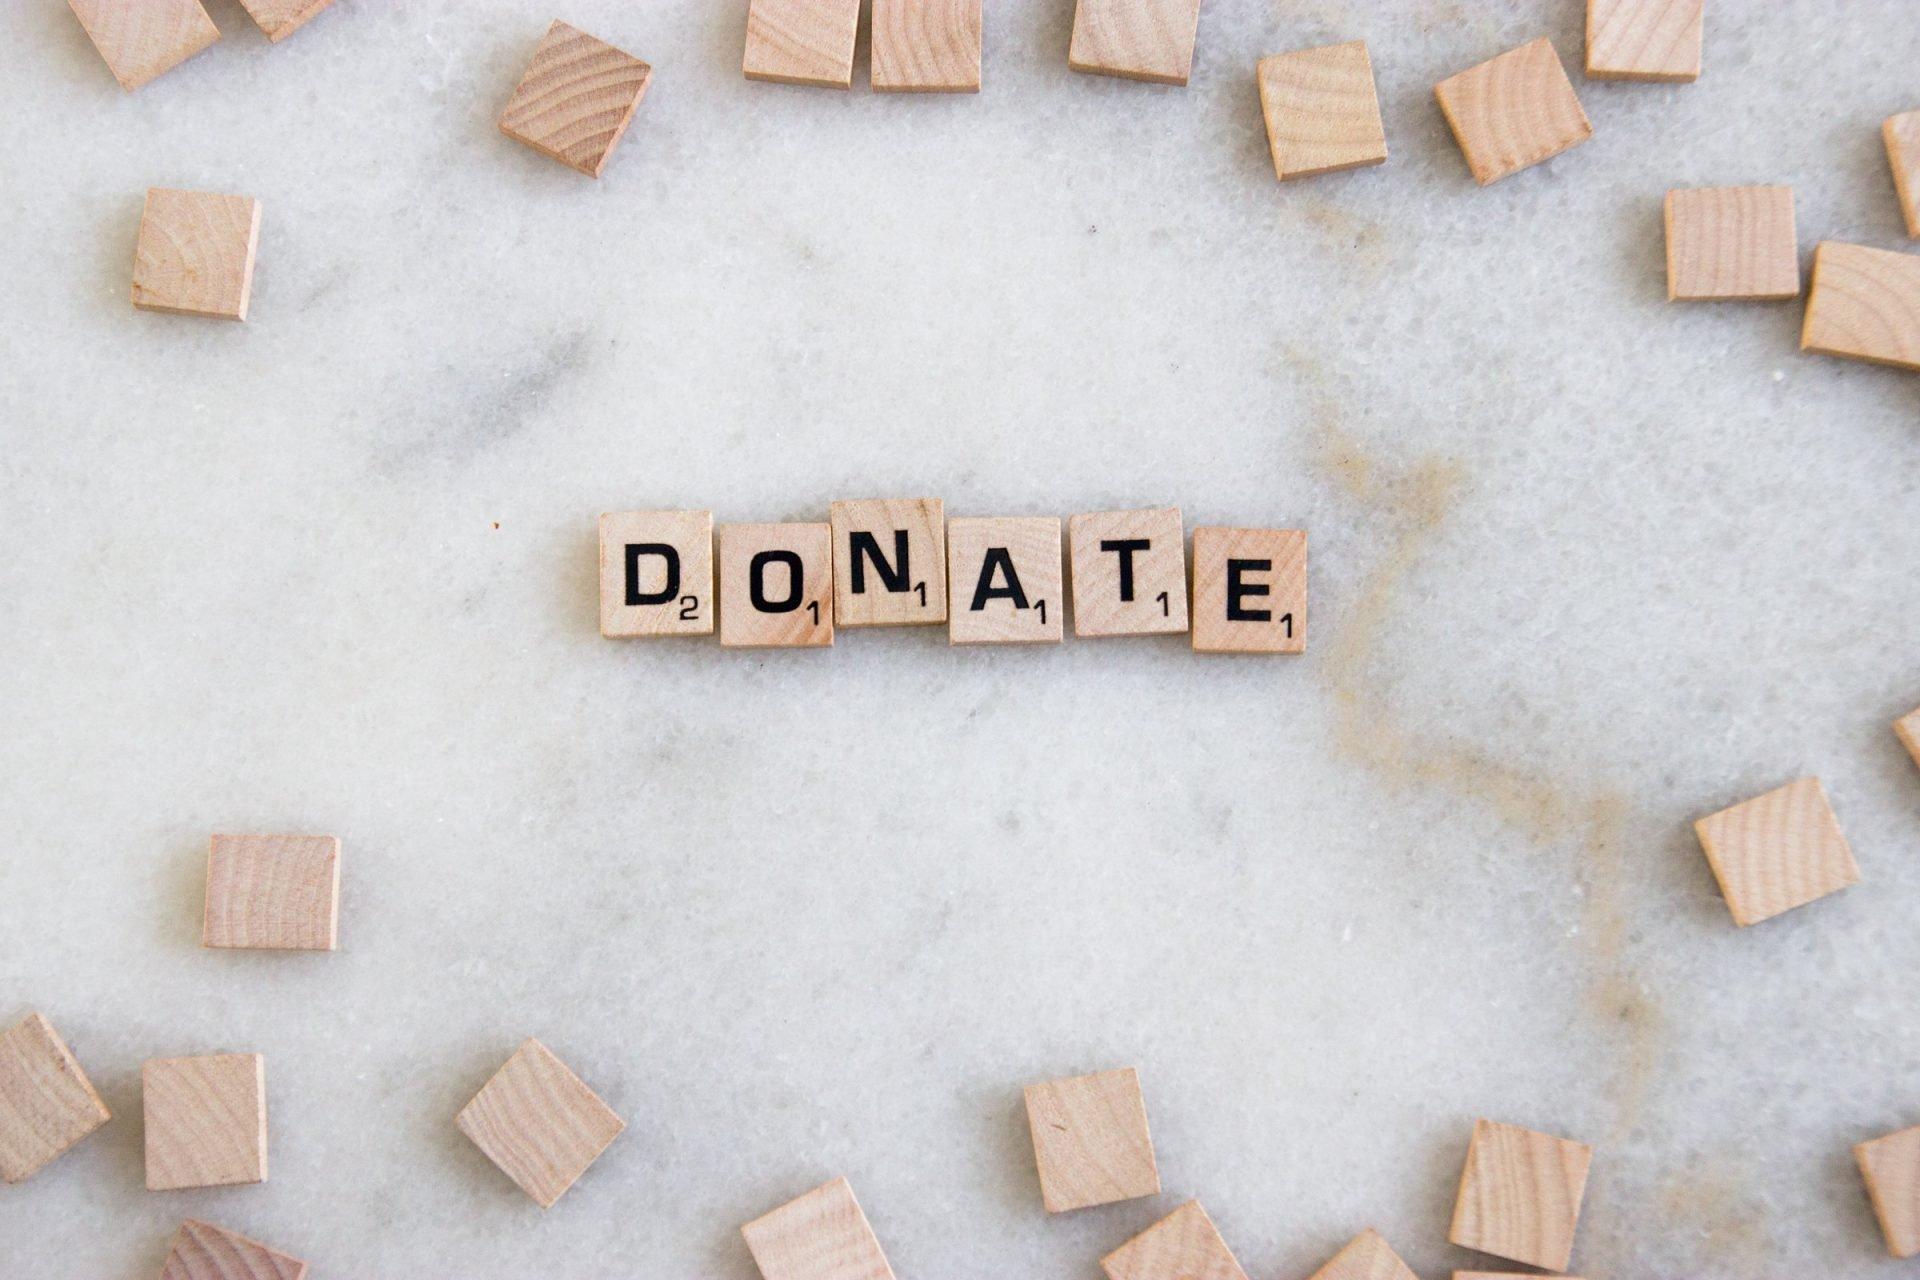 Word Donate In Scrabble Tiles